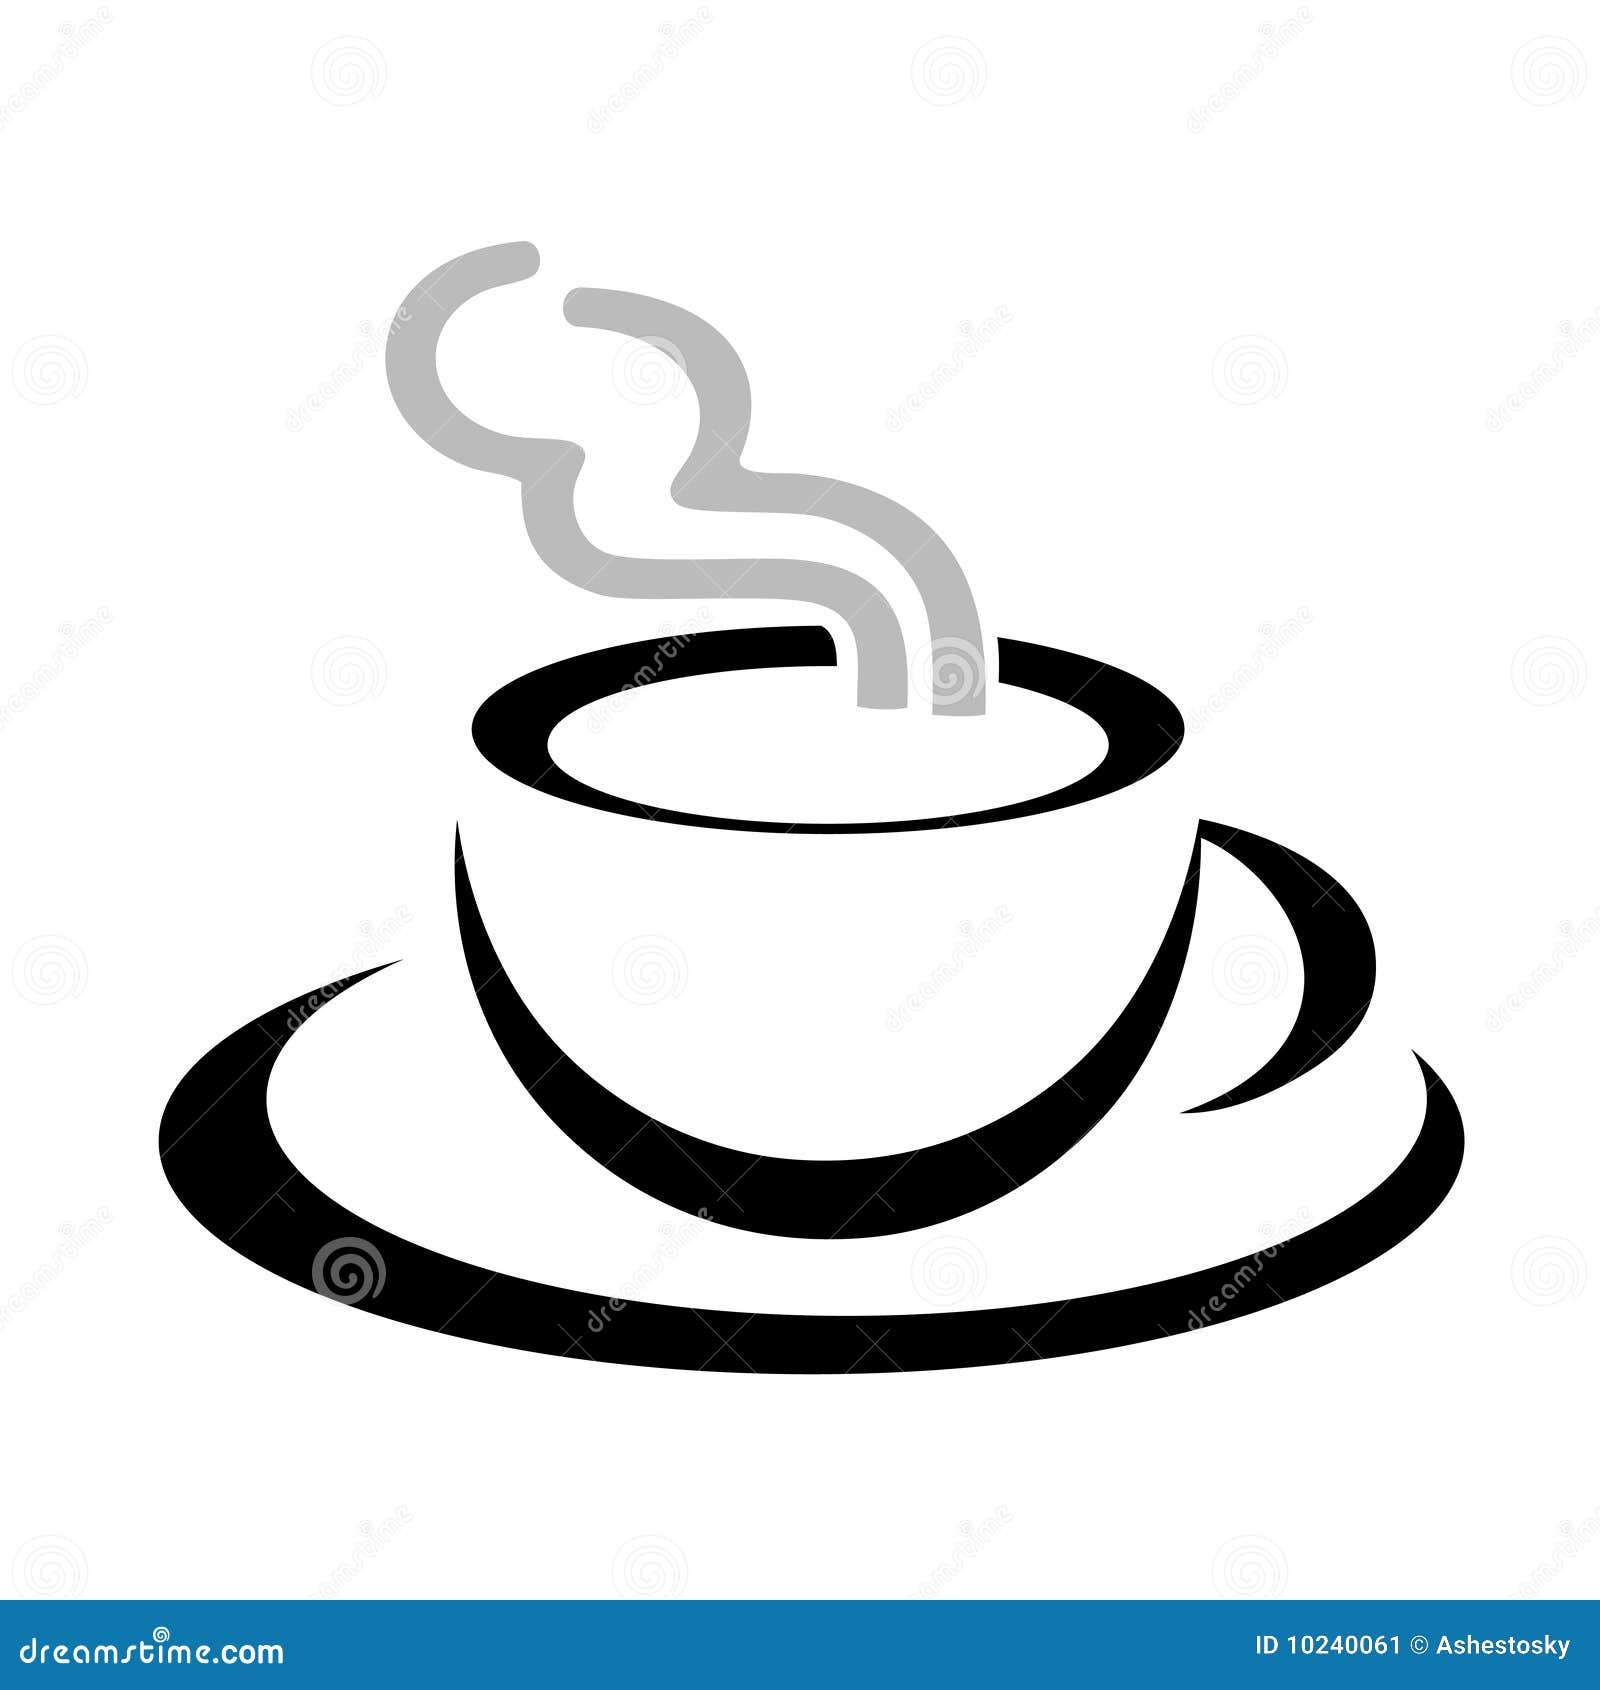 stilisiert zeichenvektor der kaffeetasse vektor abbildung bild 10240061. Black Bedroom Furniture Sets. Home Design Ideas